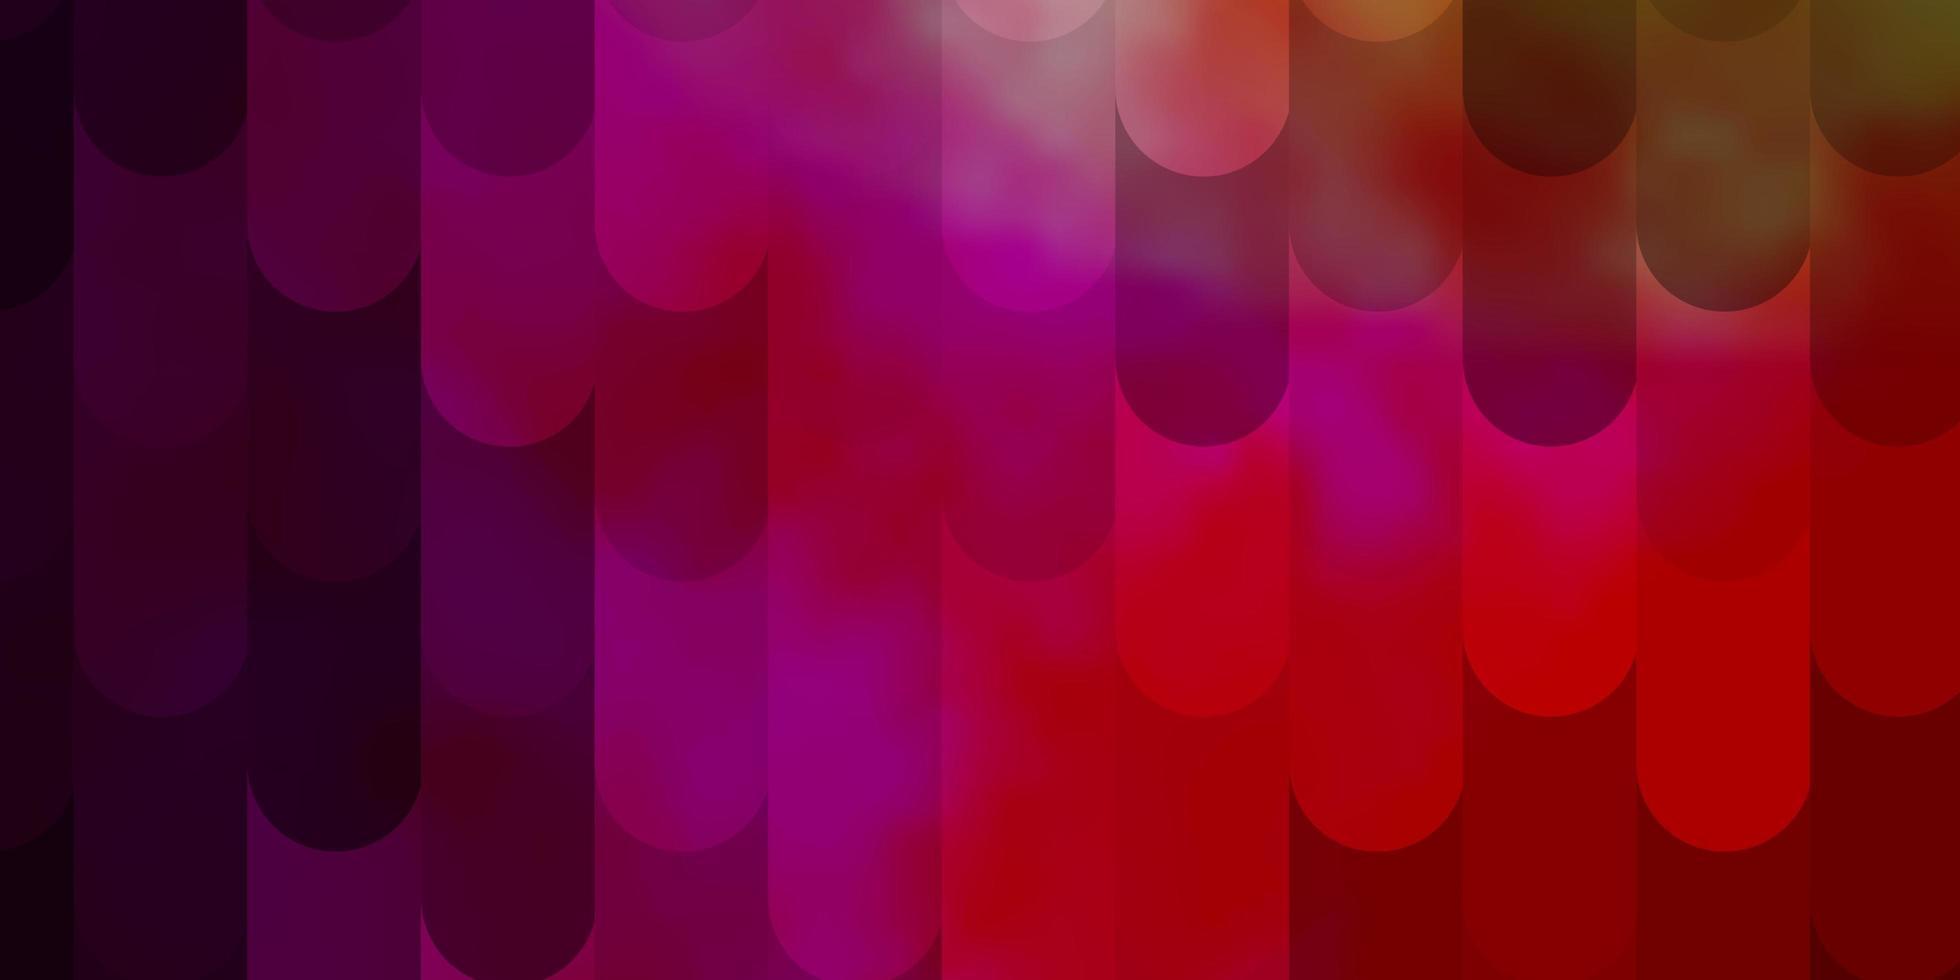 ljusrosa, gult vektormönster med linjer. vektor